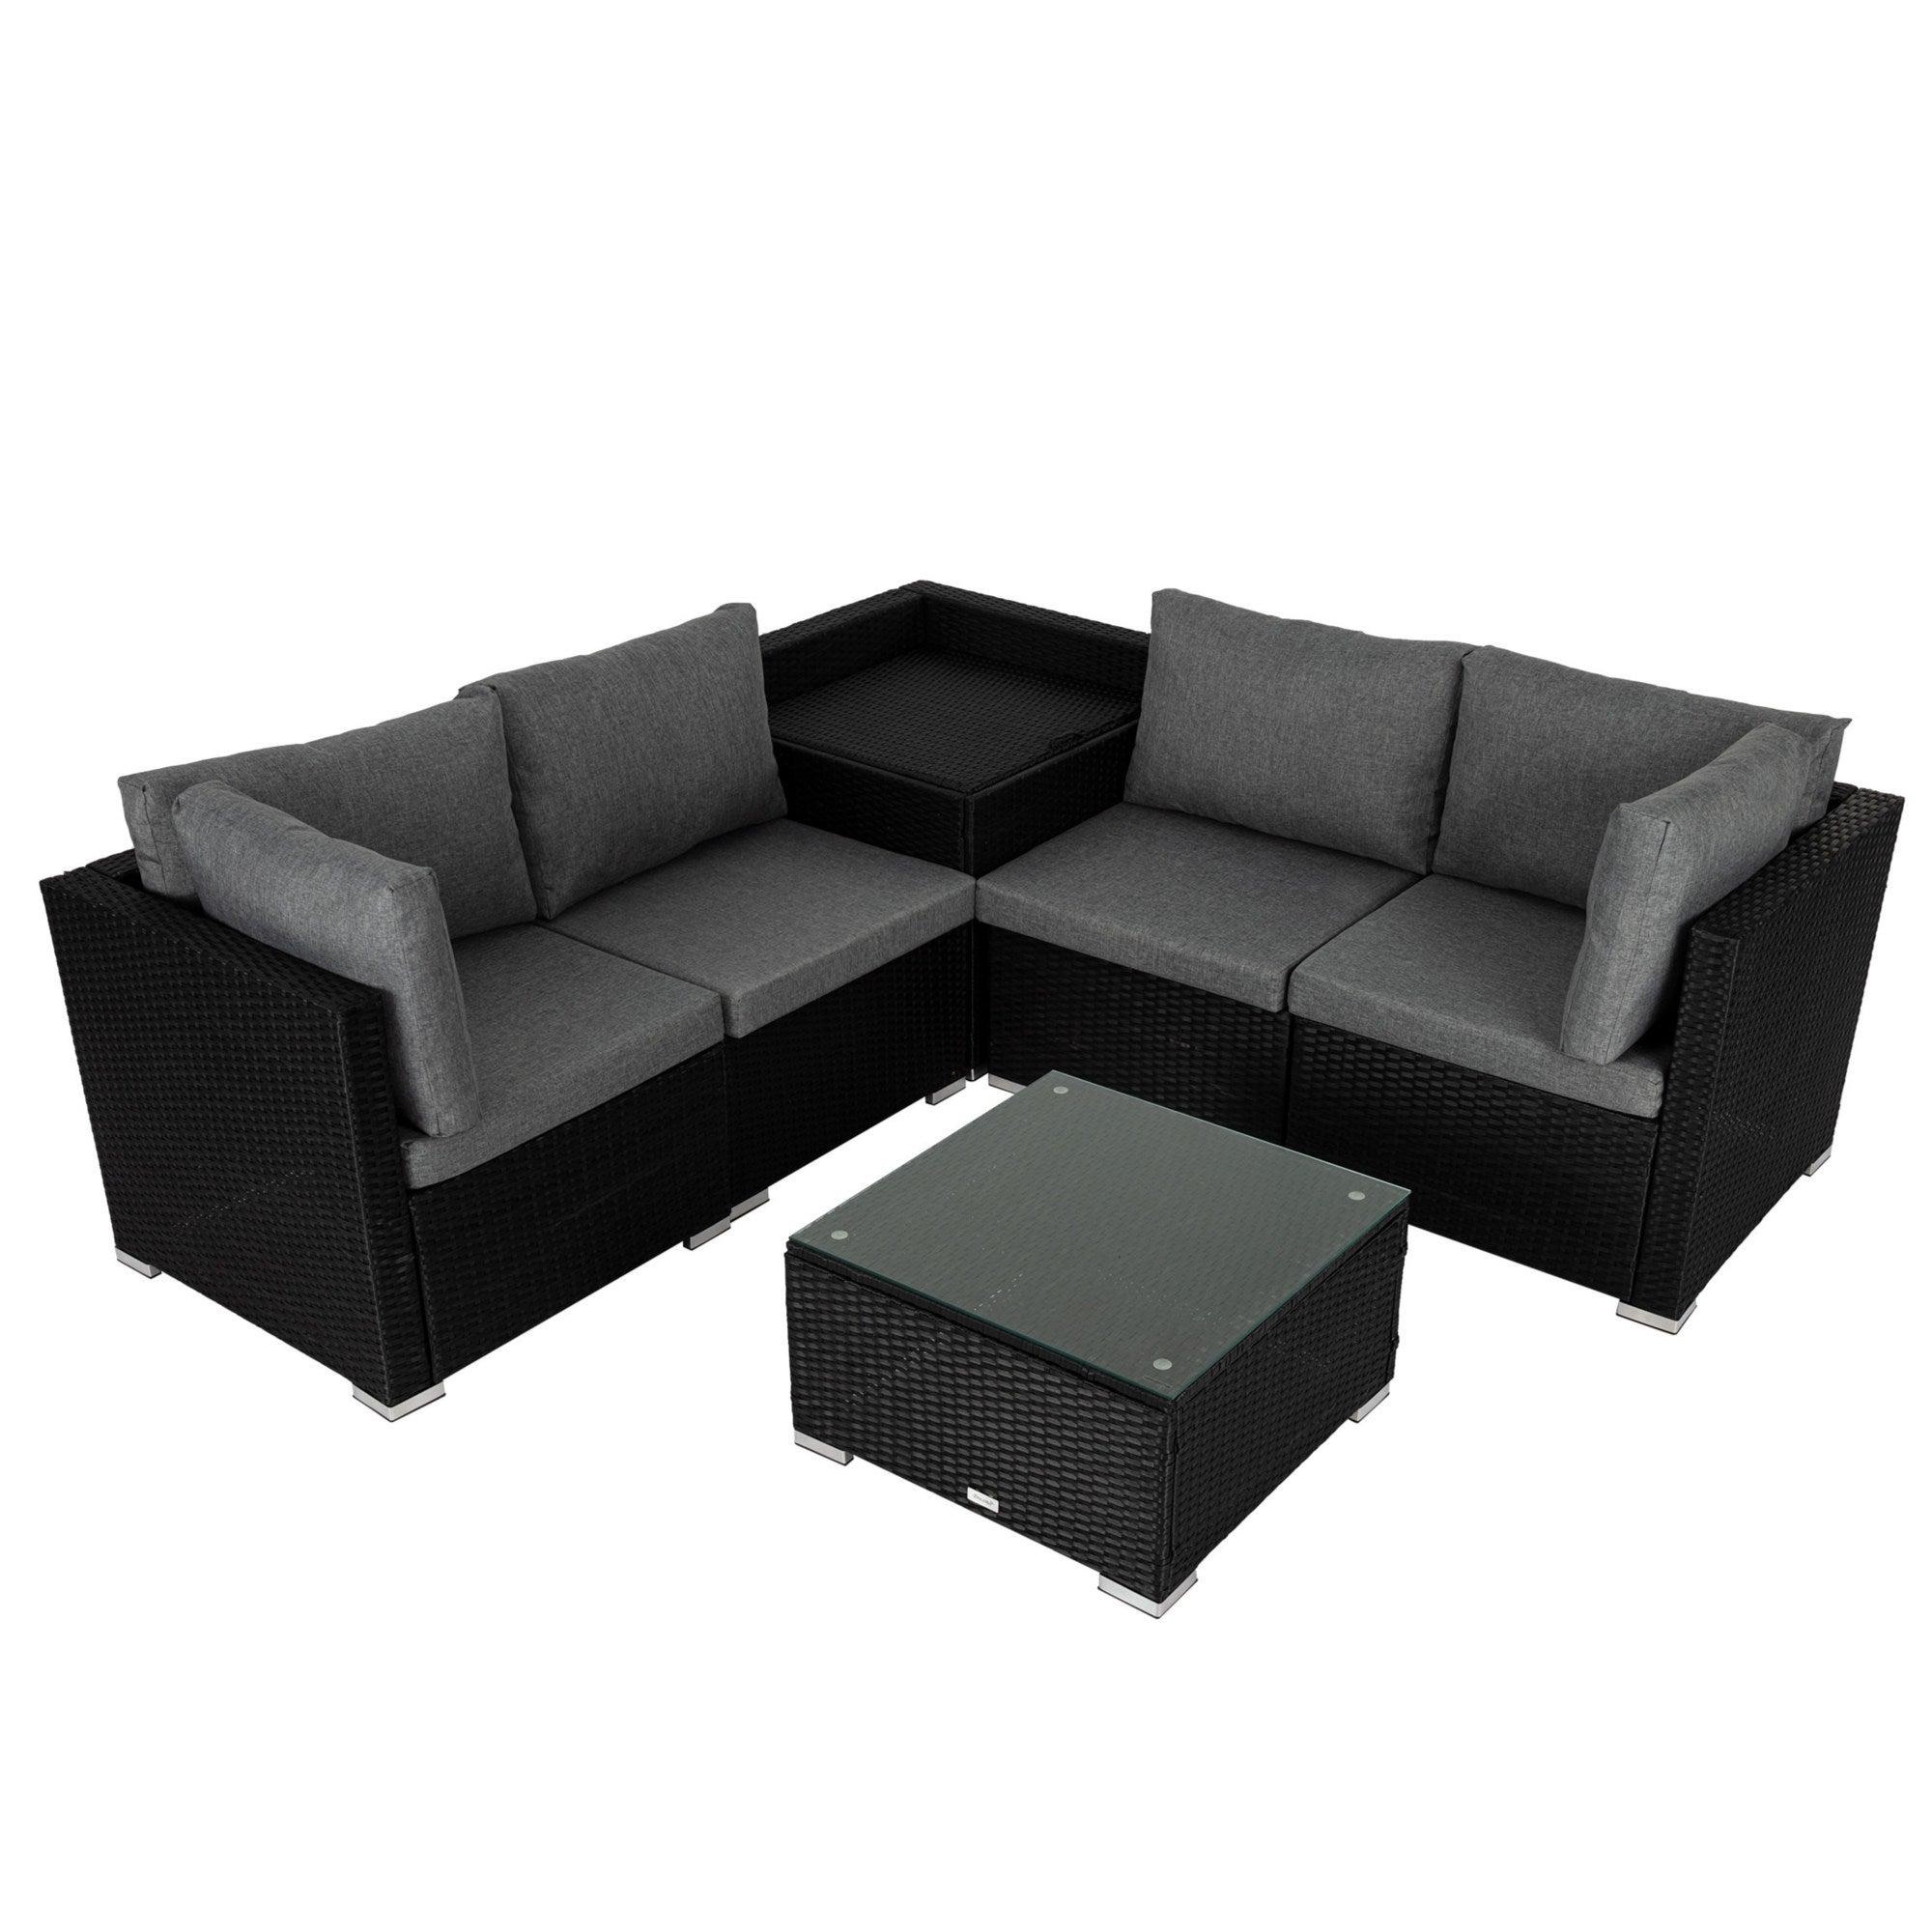 6PCS Outdoor Modular Lounge Sofa Coogee - Black